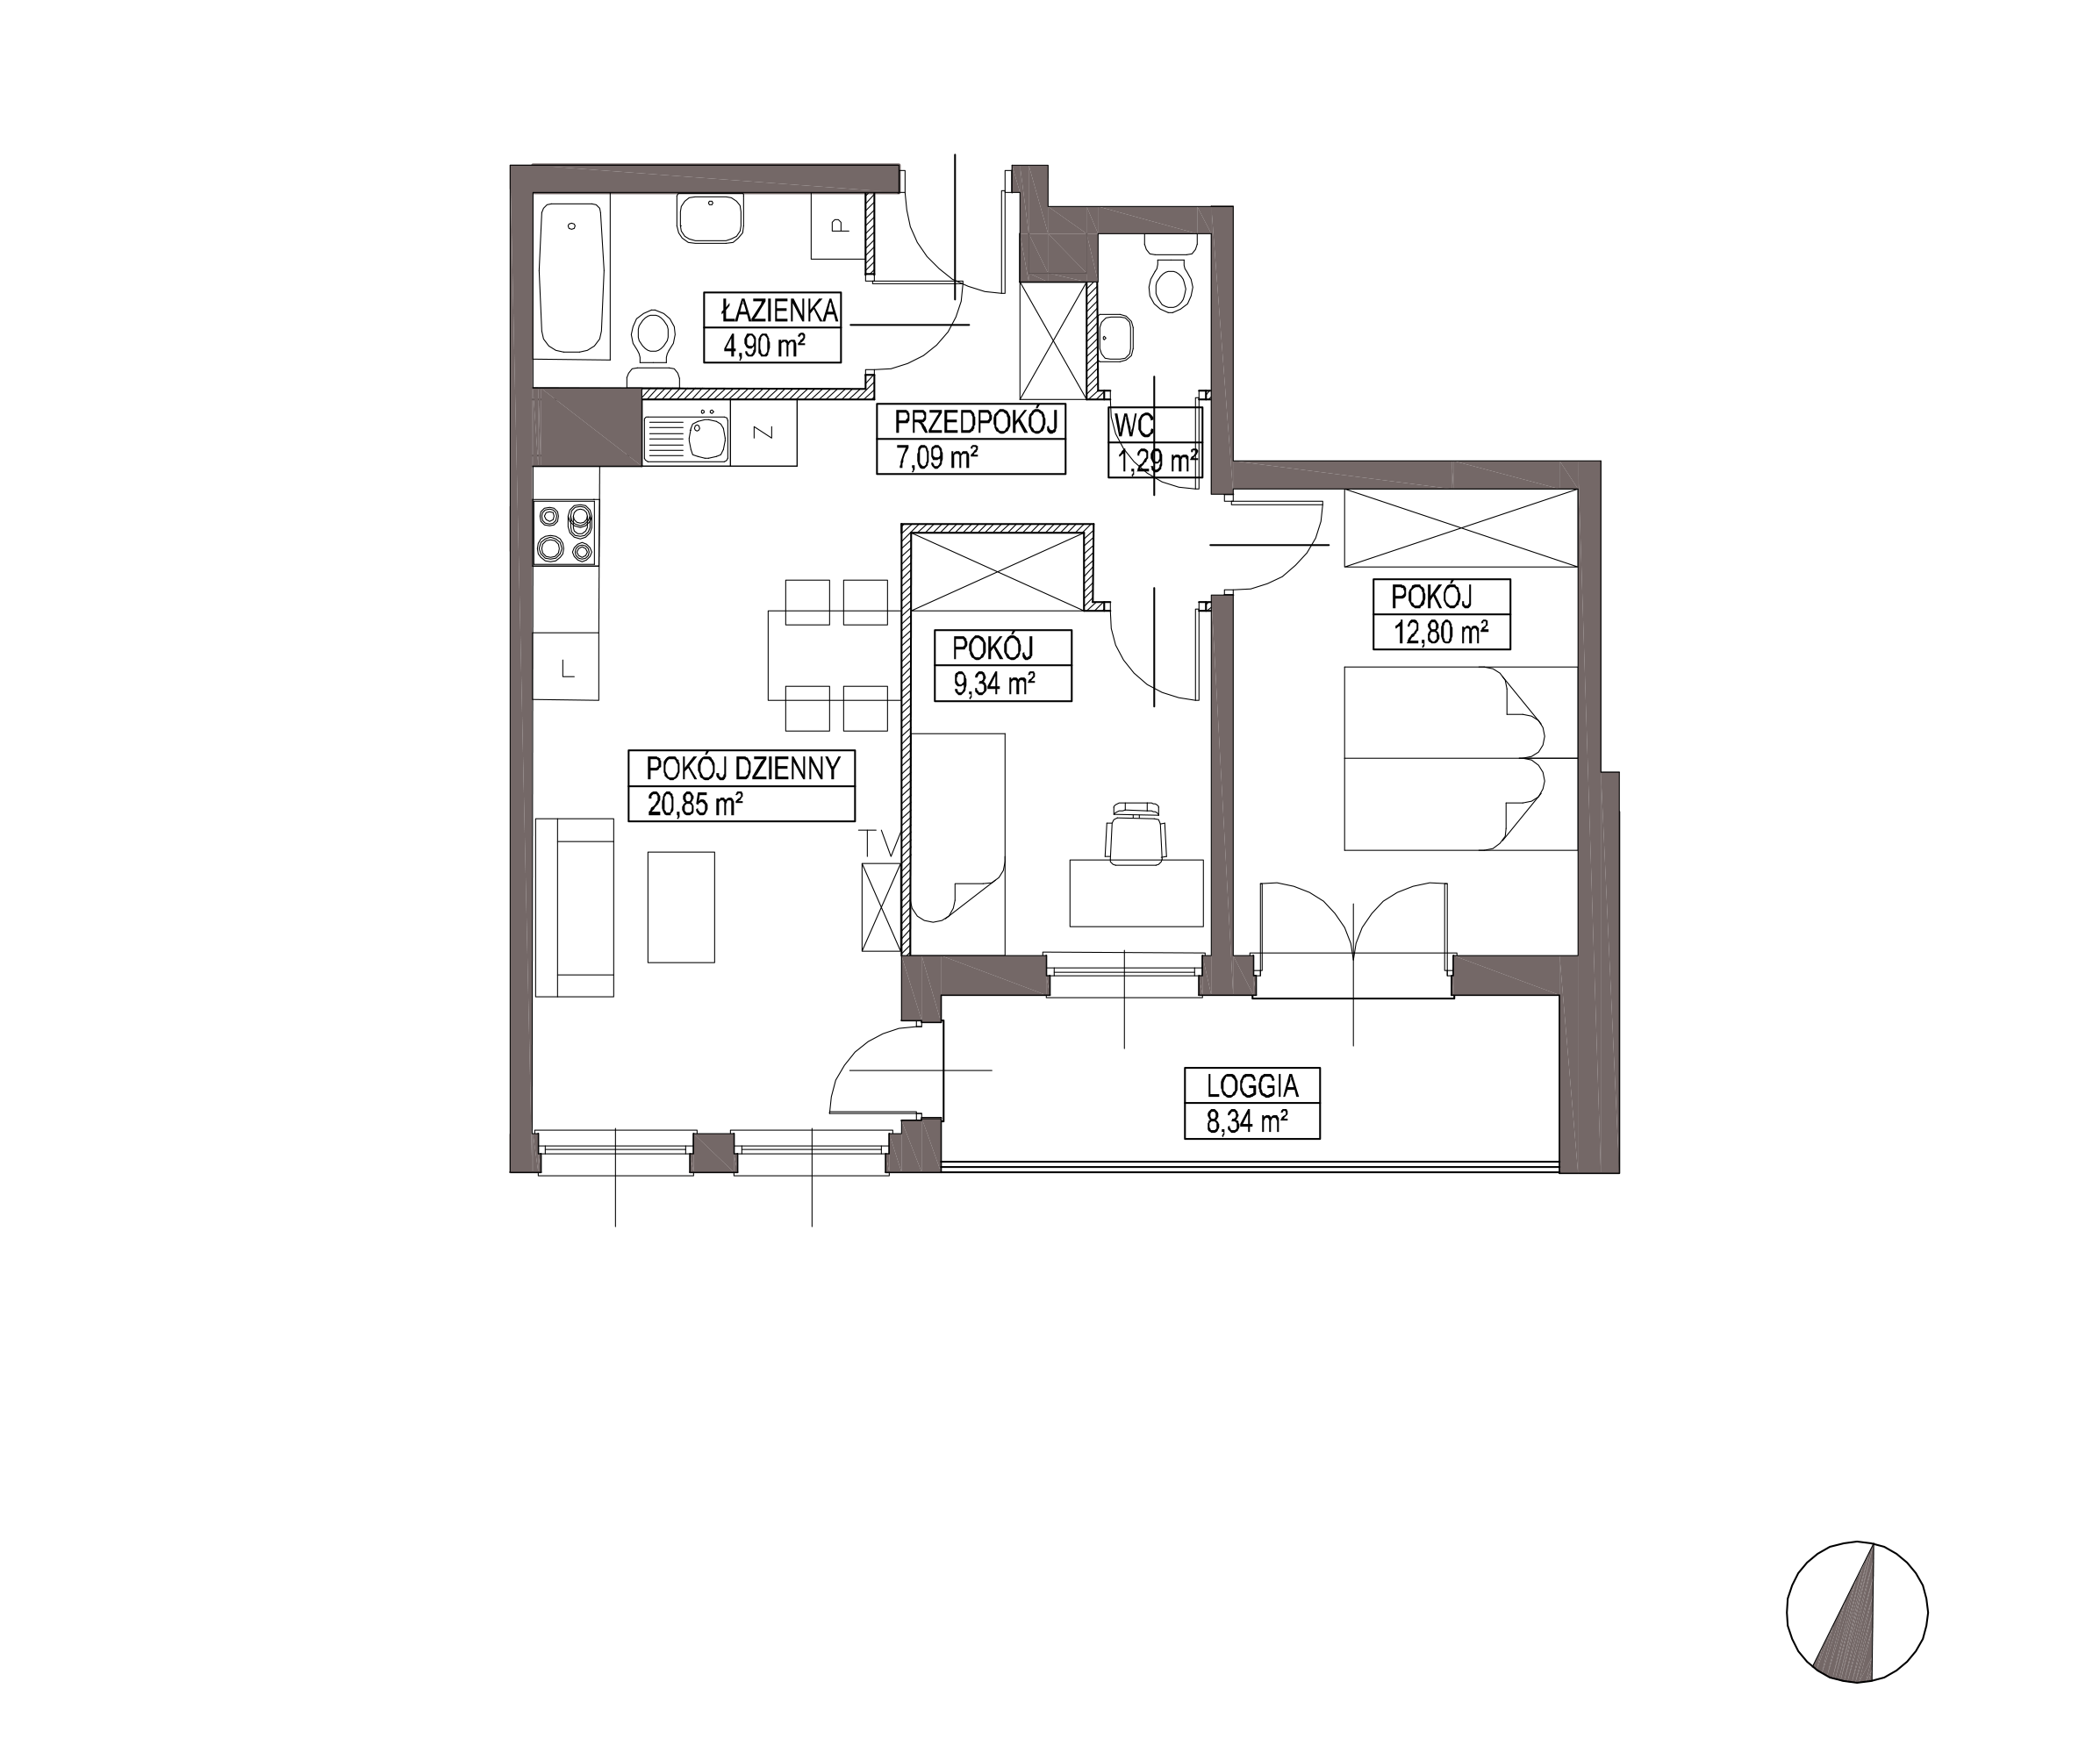 Kameralna Olszówka / budynek 1 / mieszkanie KO/A/2/2 rzut 1